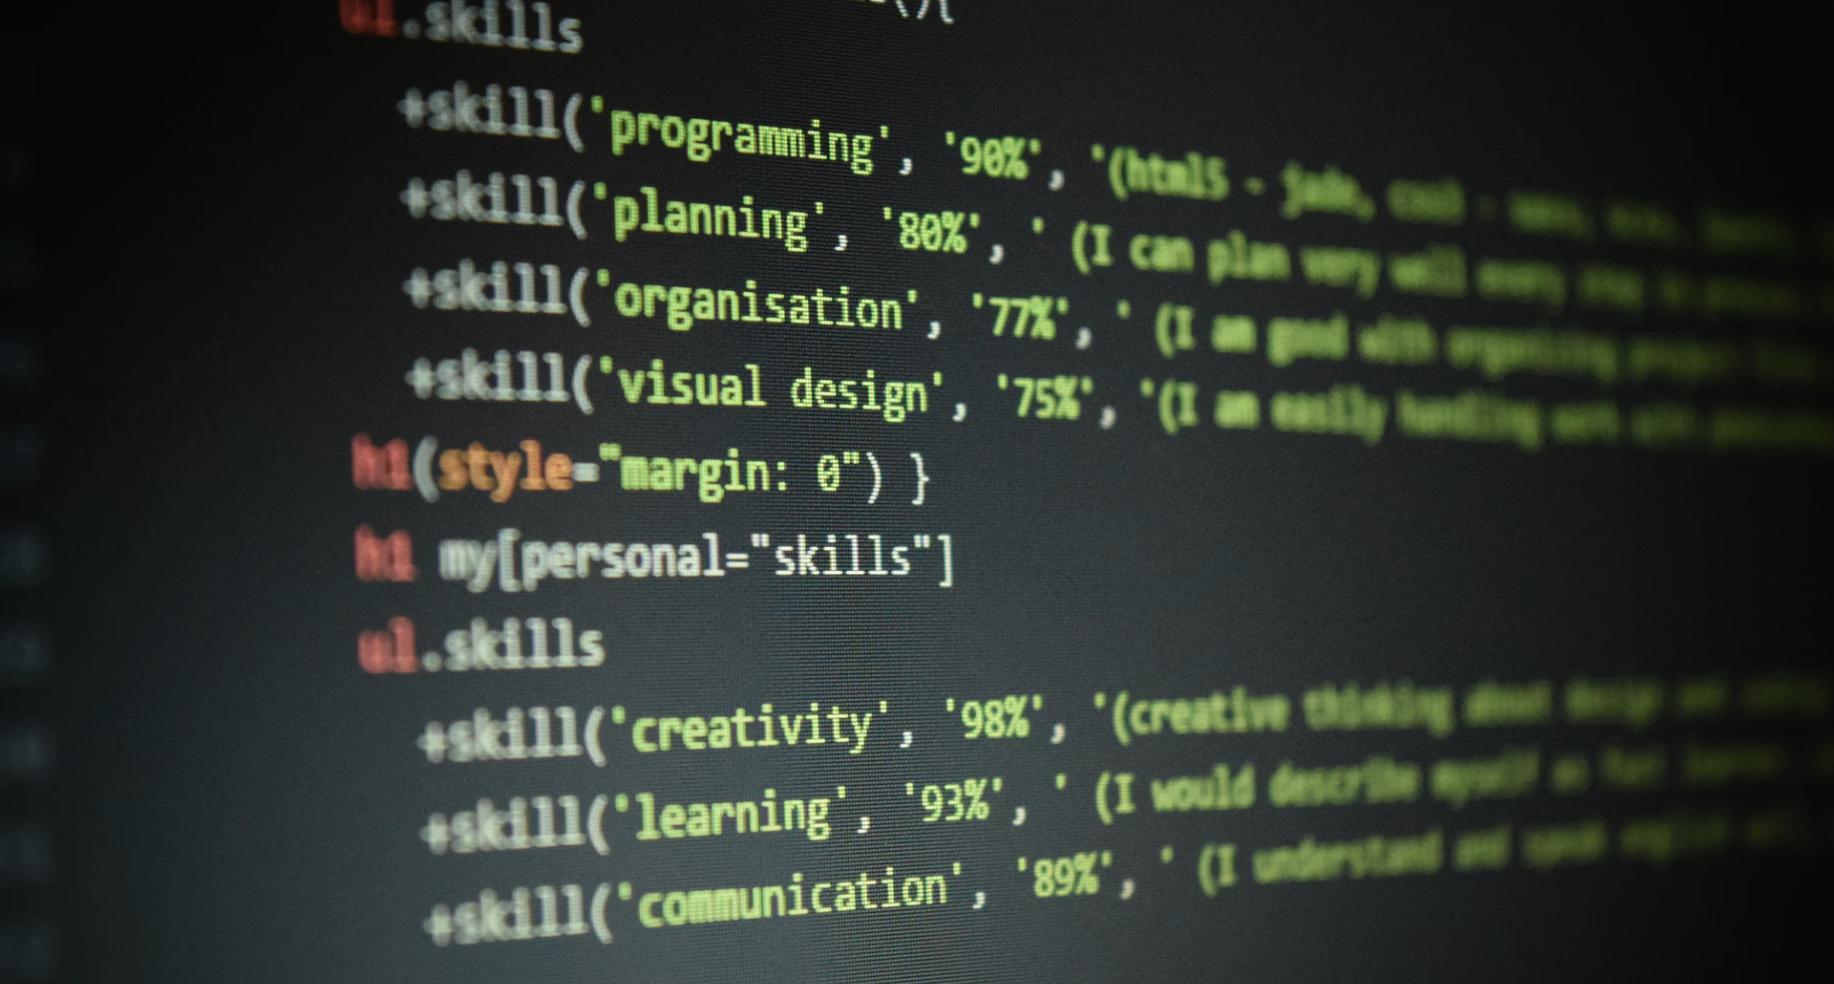 I don't know what I want to do with my life - be come a coder?